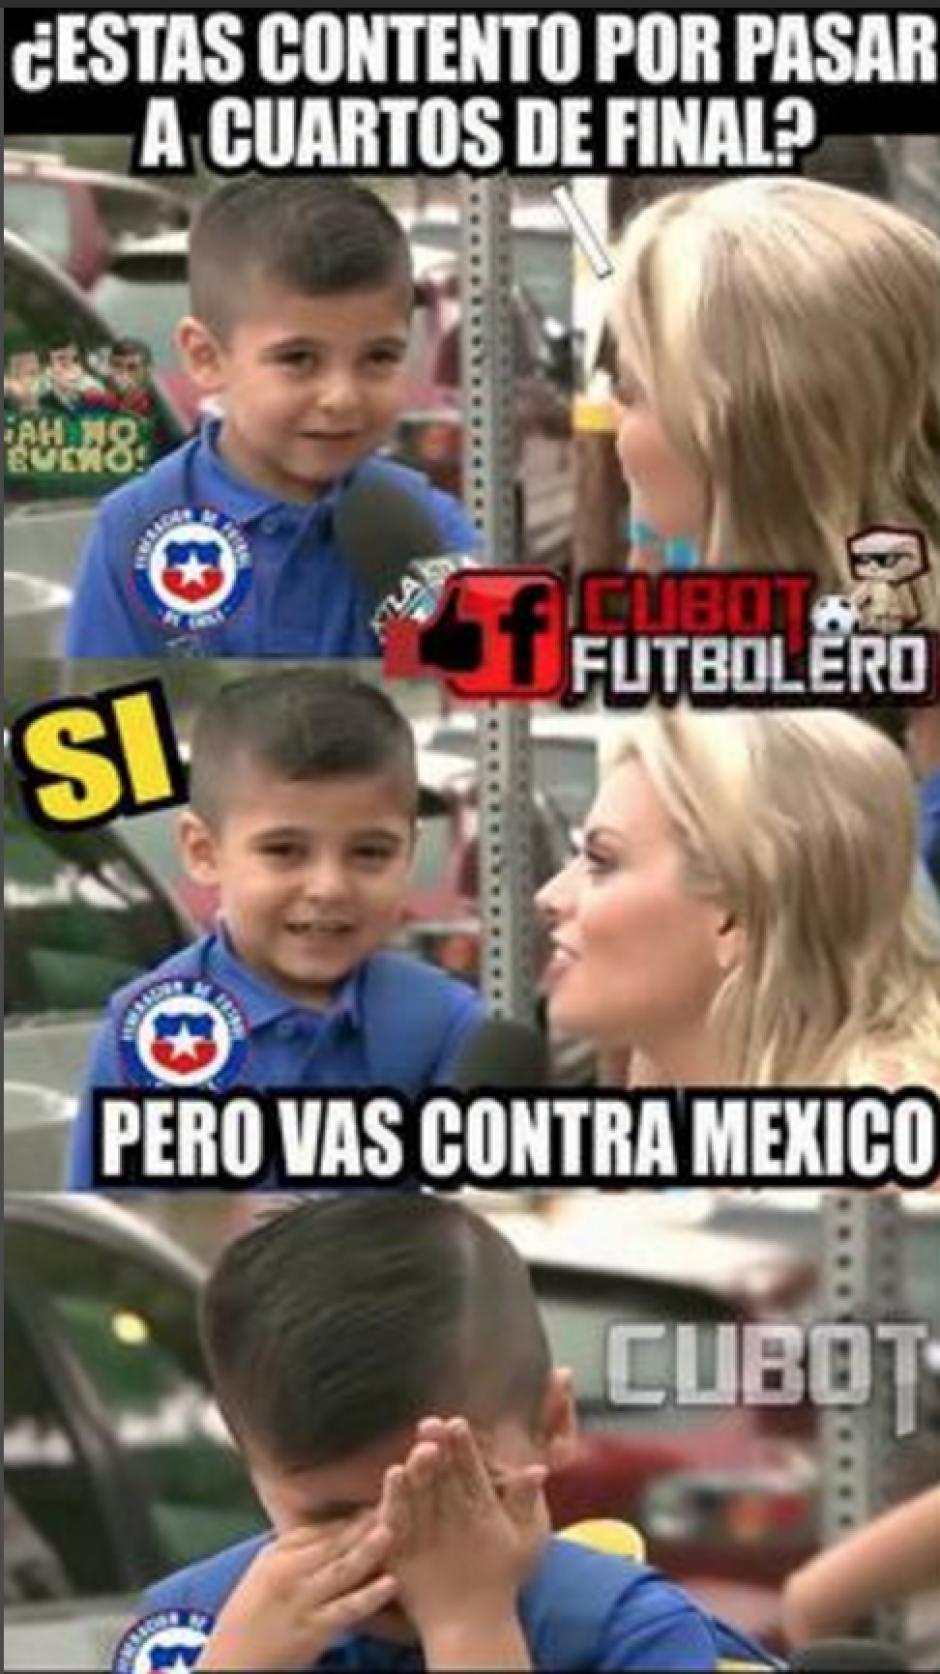 Las bromas también eran dirigidas a Chile, ya que enfrentarán a México en cuartos de final. (Foto: Twitter)